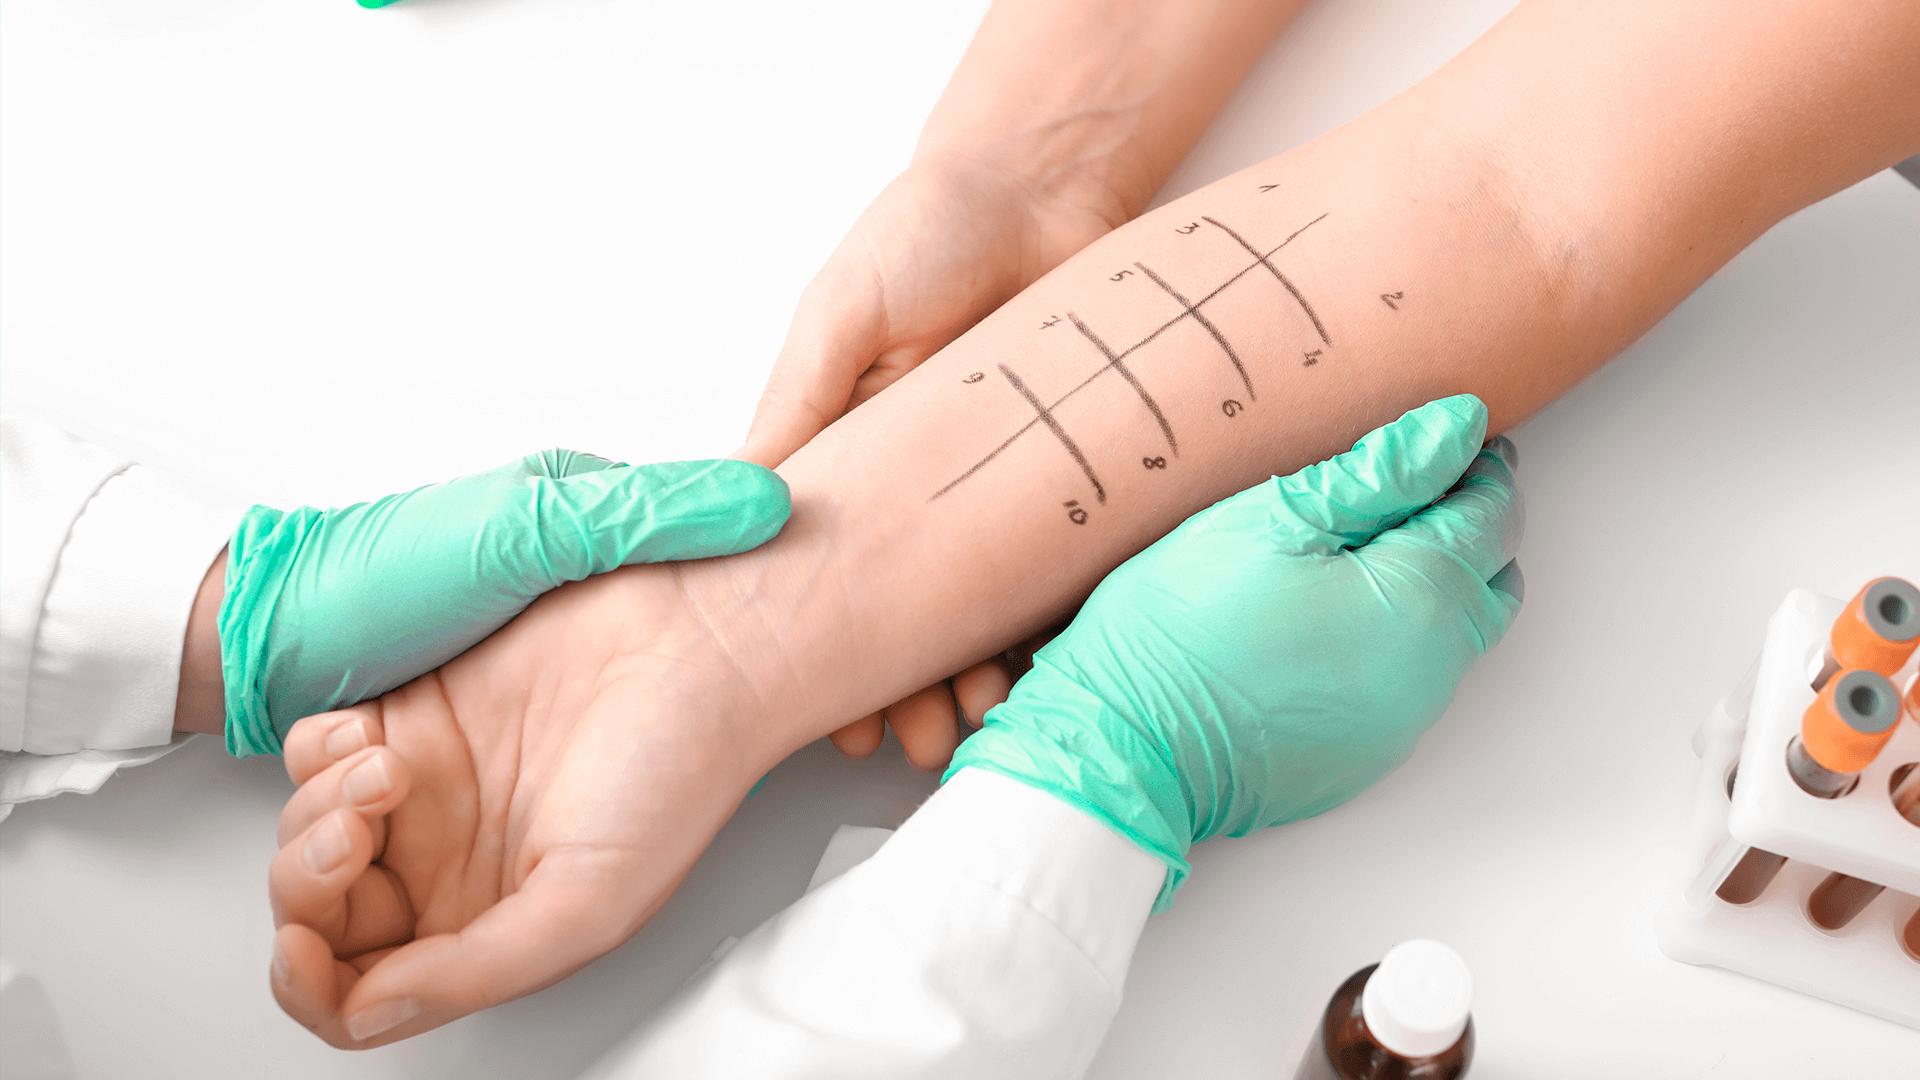 Um profissional de saúde está segurando o braço de um paciente e fazendo teste de alergia